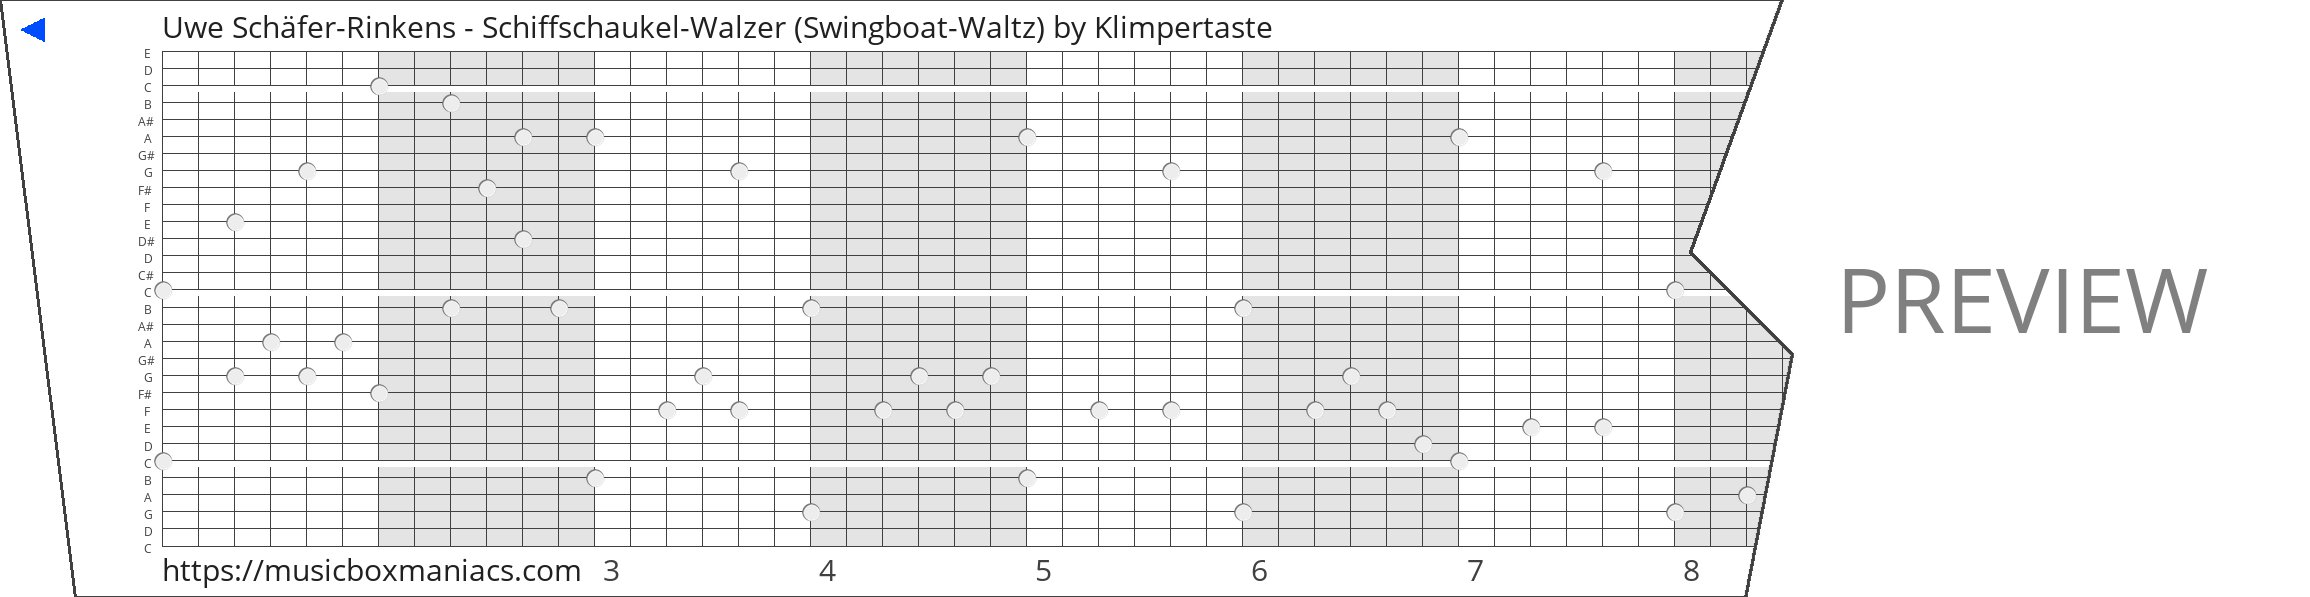 Uwe Schäfer-Rinkens - Schiffschaukel-Walzer (Swingboat-Waltz) 30 note music box paper strip